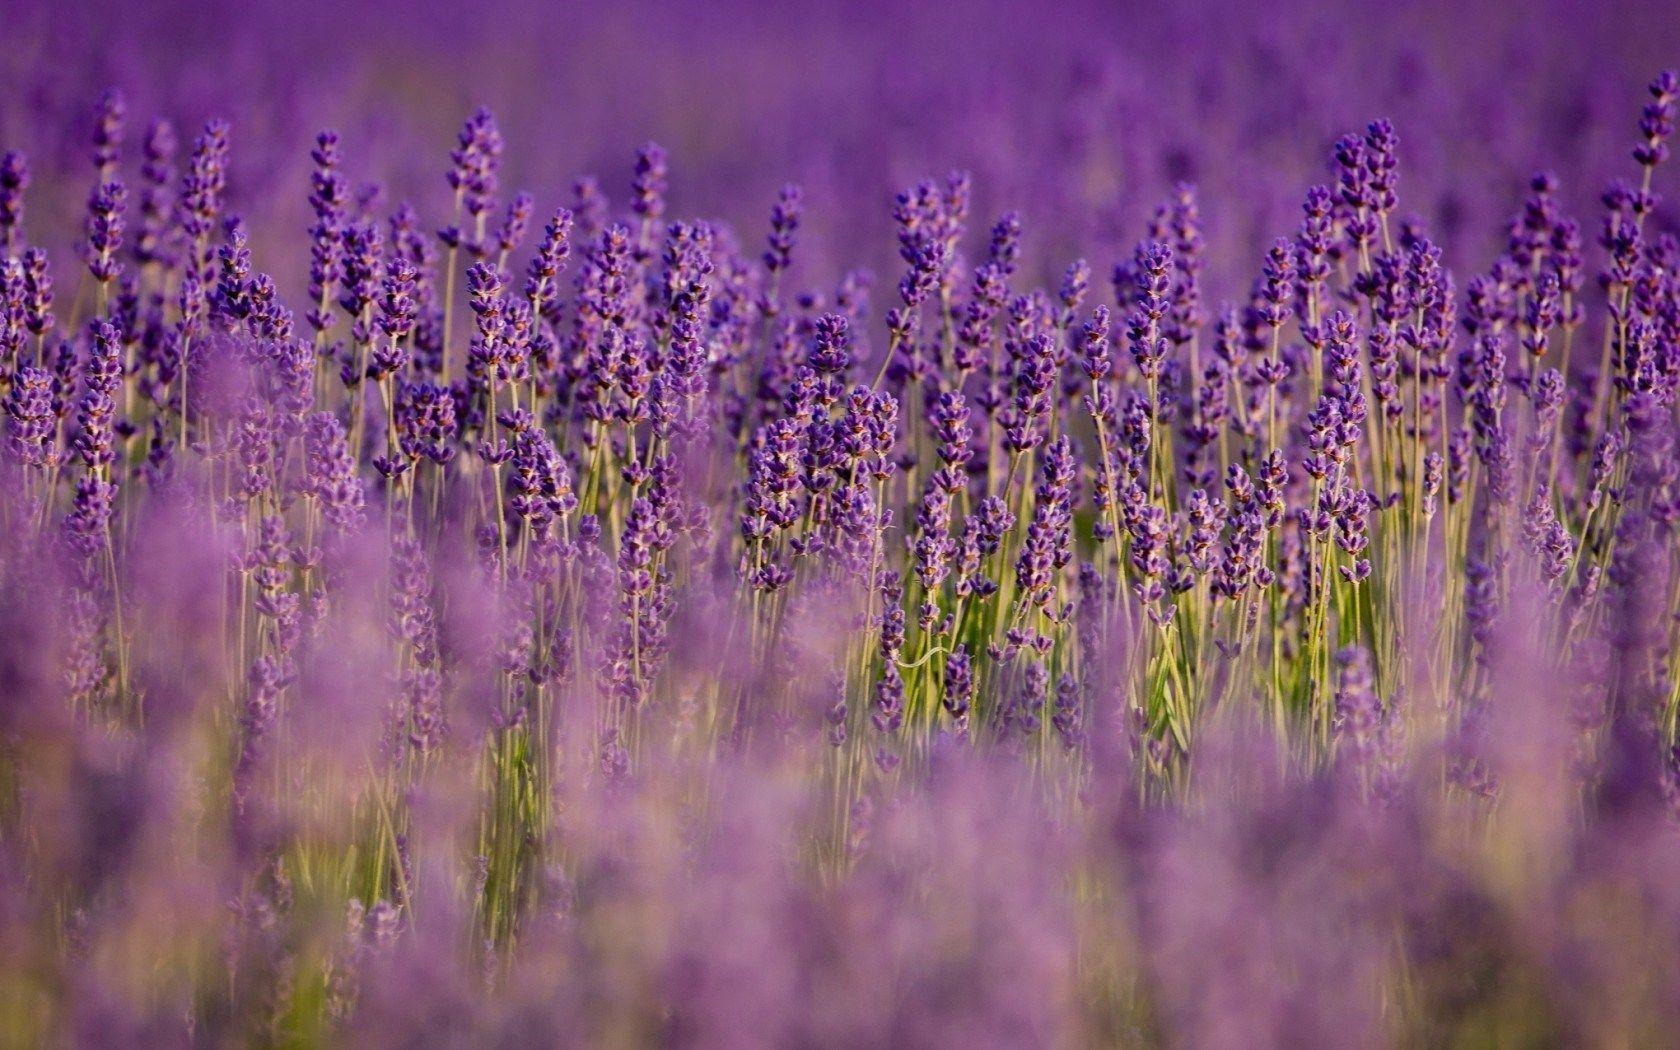 lavender field hd desktop - photo #20